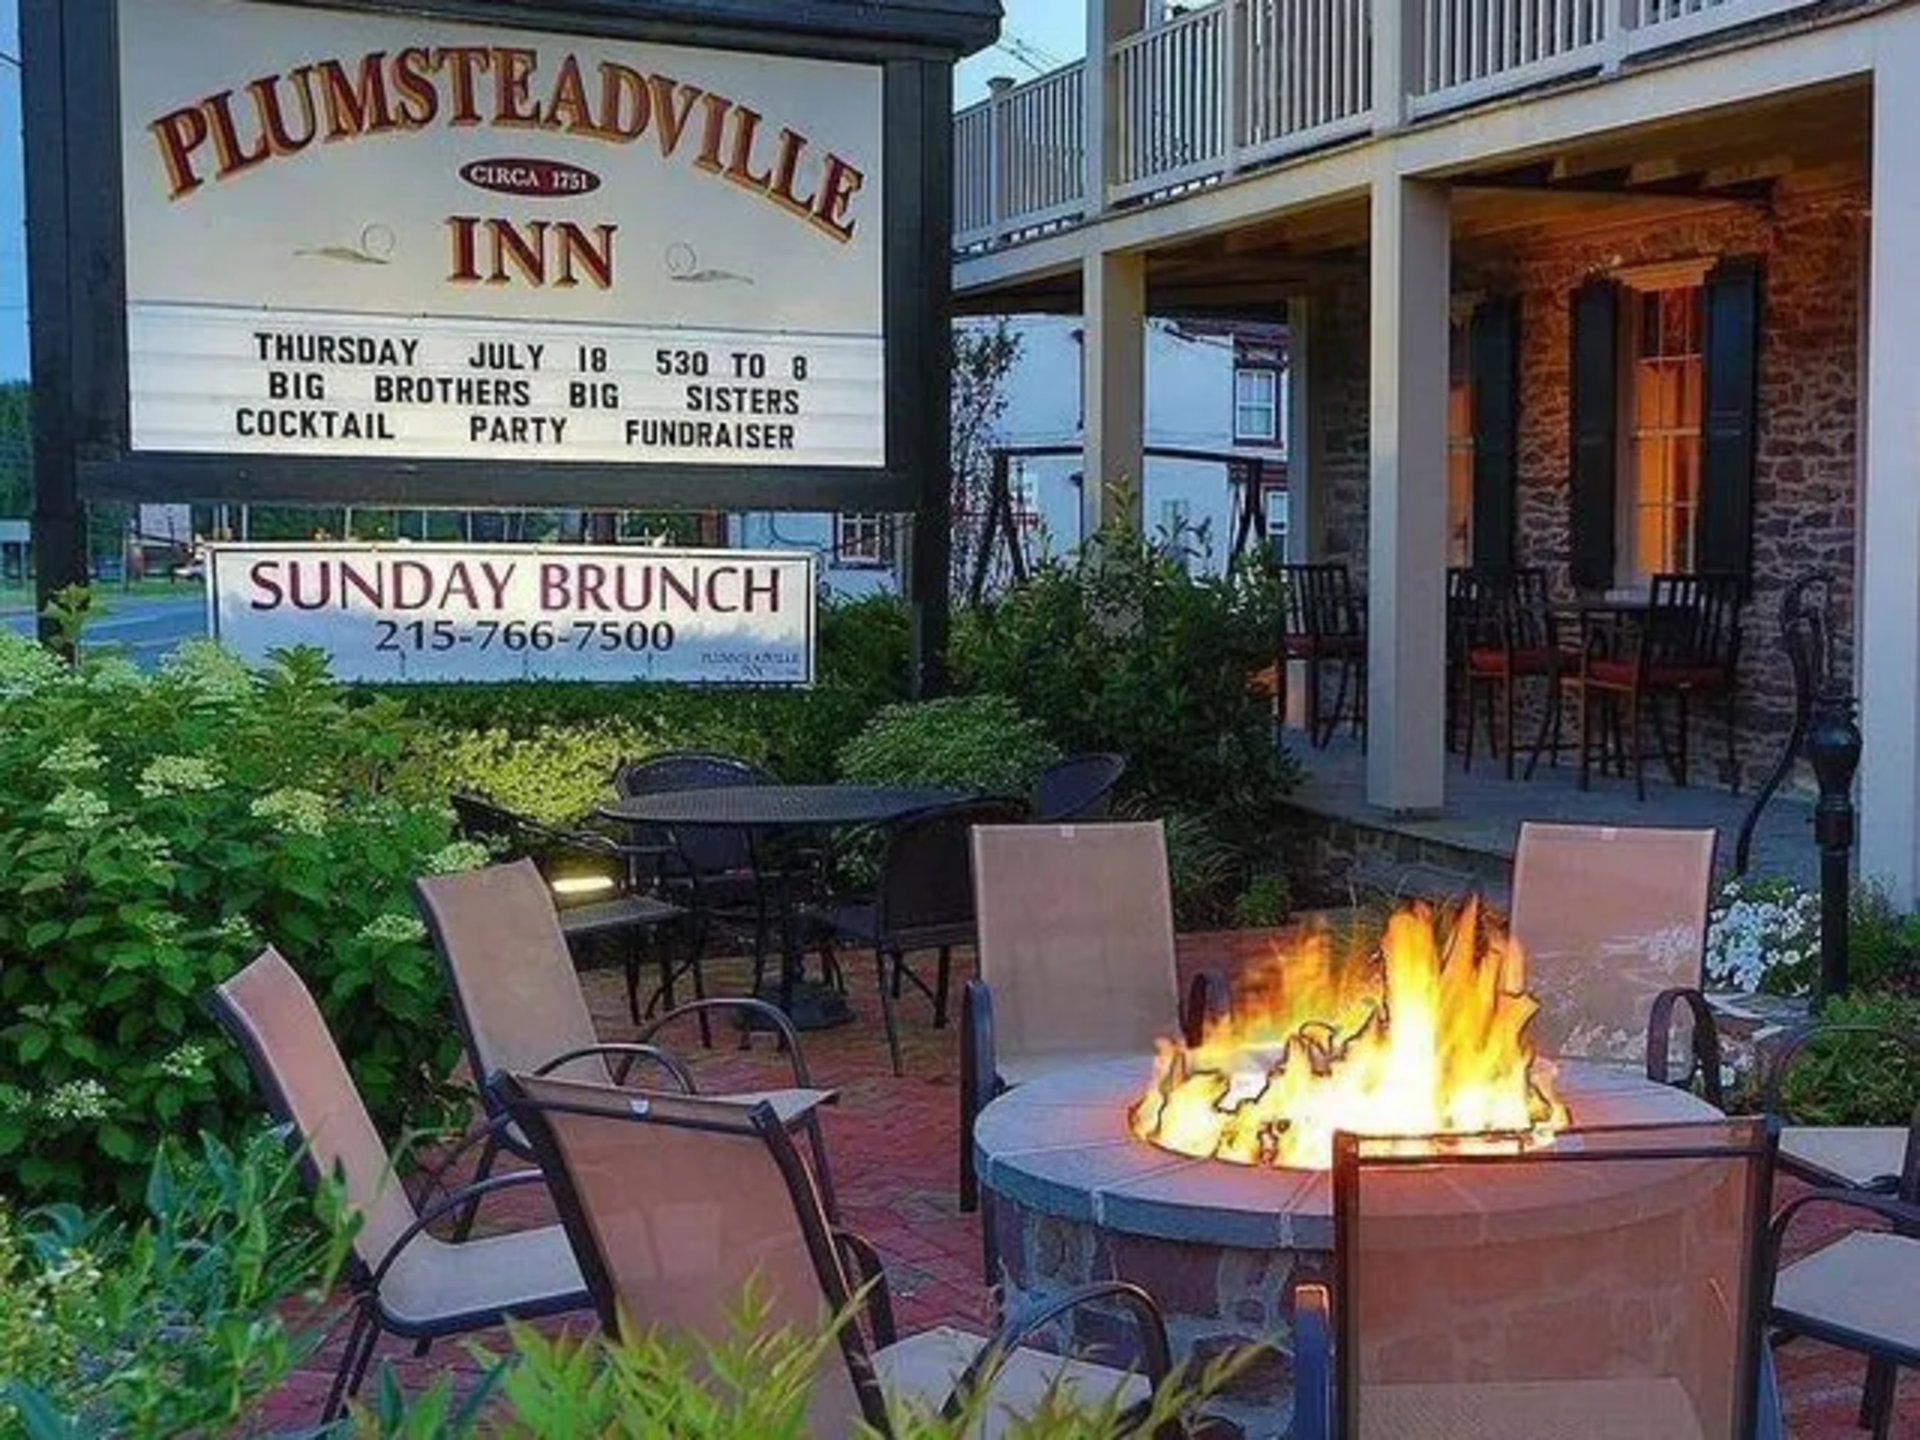 Plumsteadville